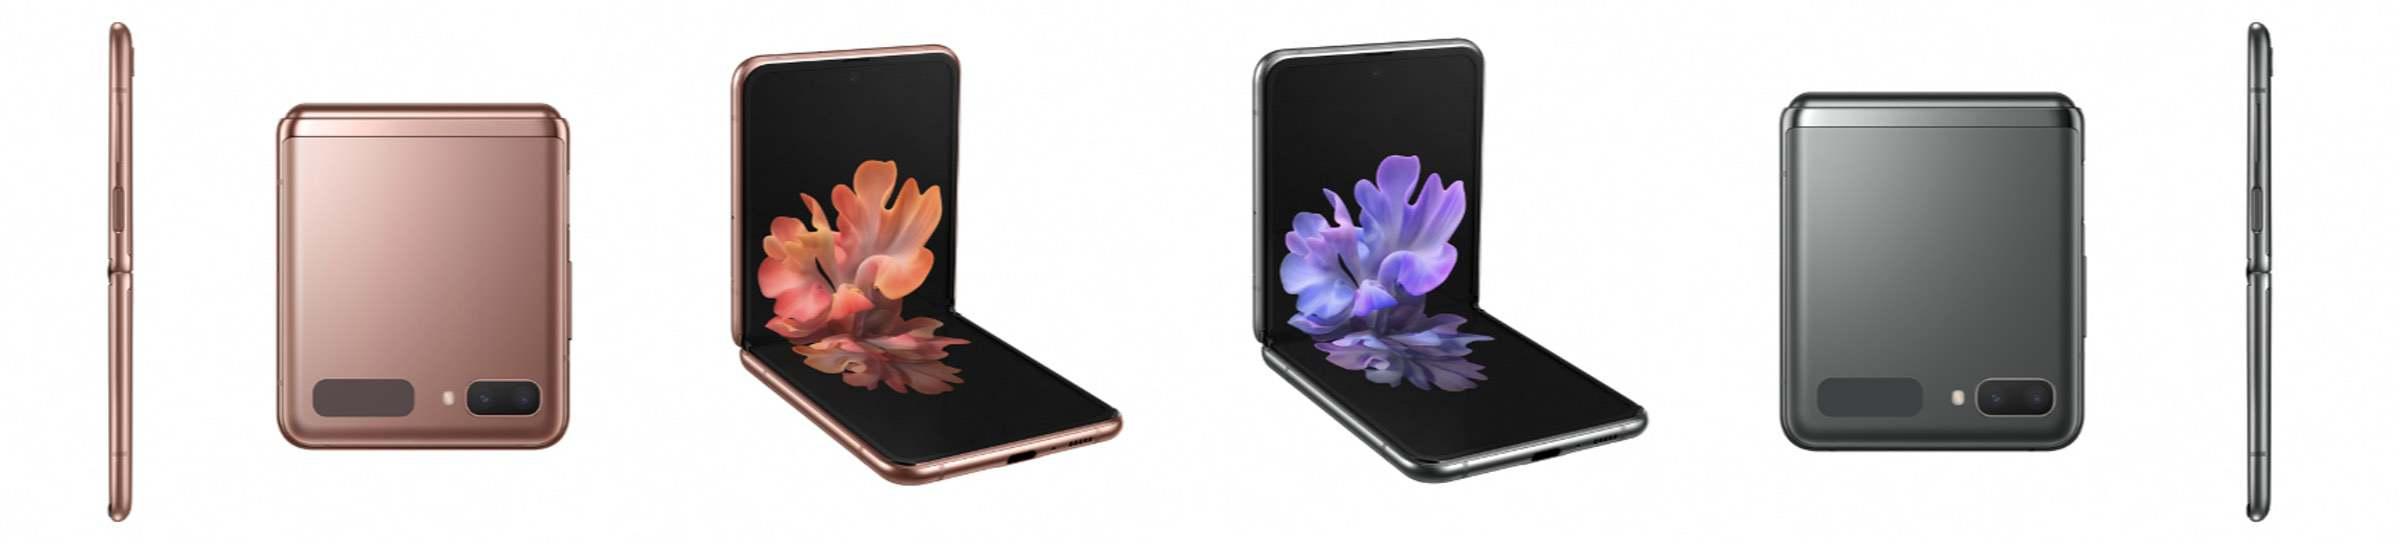 Galaxy Z Flip 5G – Samsungs faltbares mini Smartphone geht in die zweite Runde